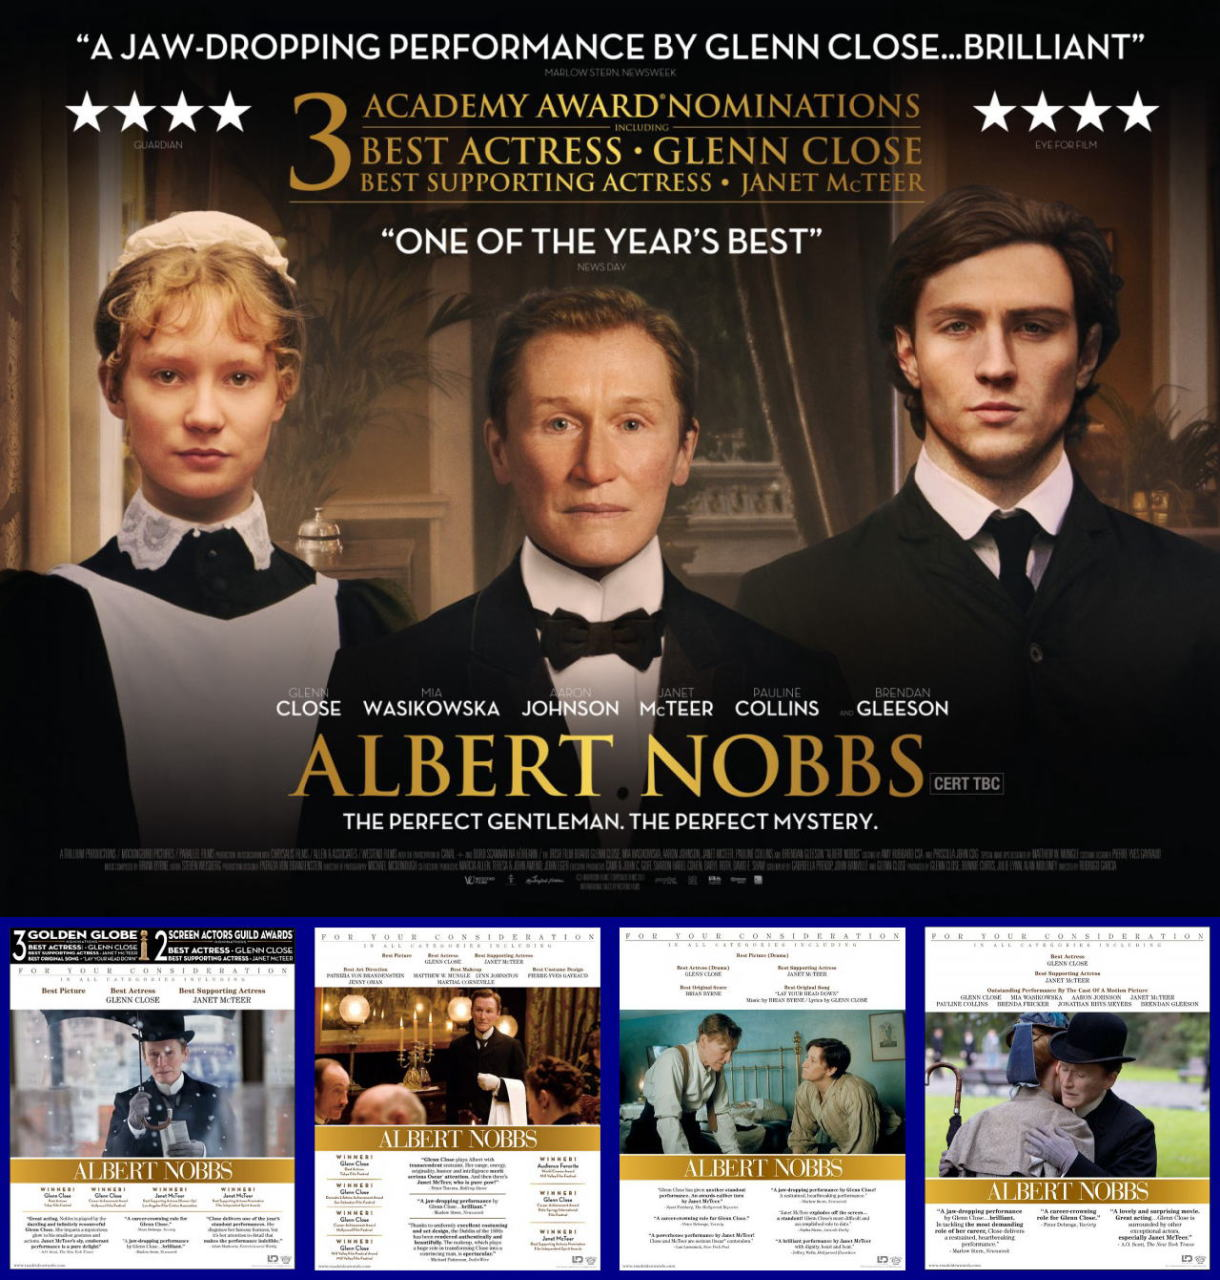 映画『アルバート氏の人生 ALBERT NOBBS』ポスター(4)▼ポスター画像クリックで拡大します。